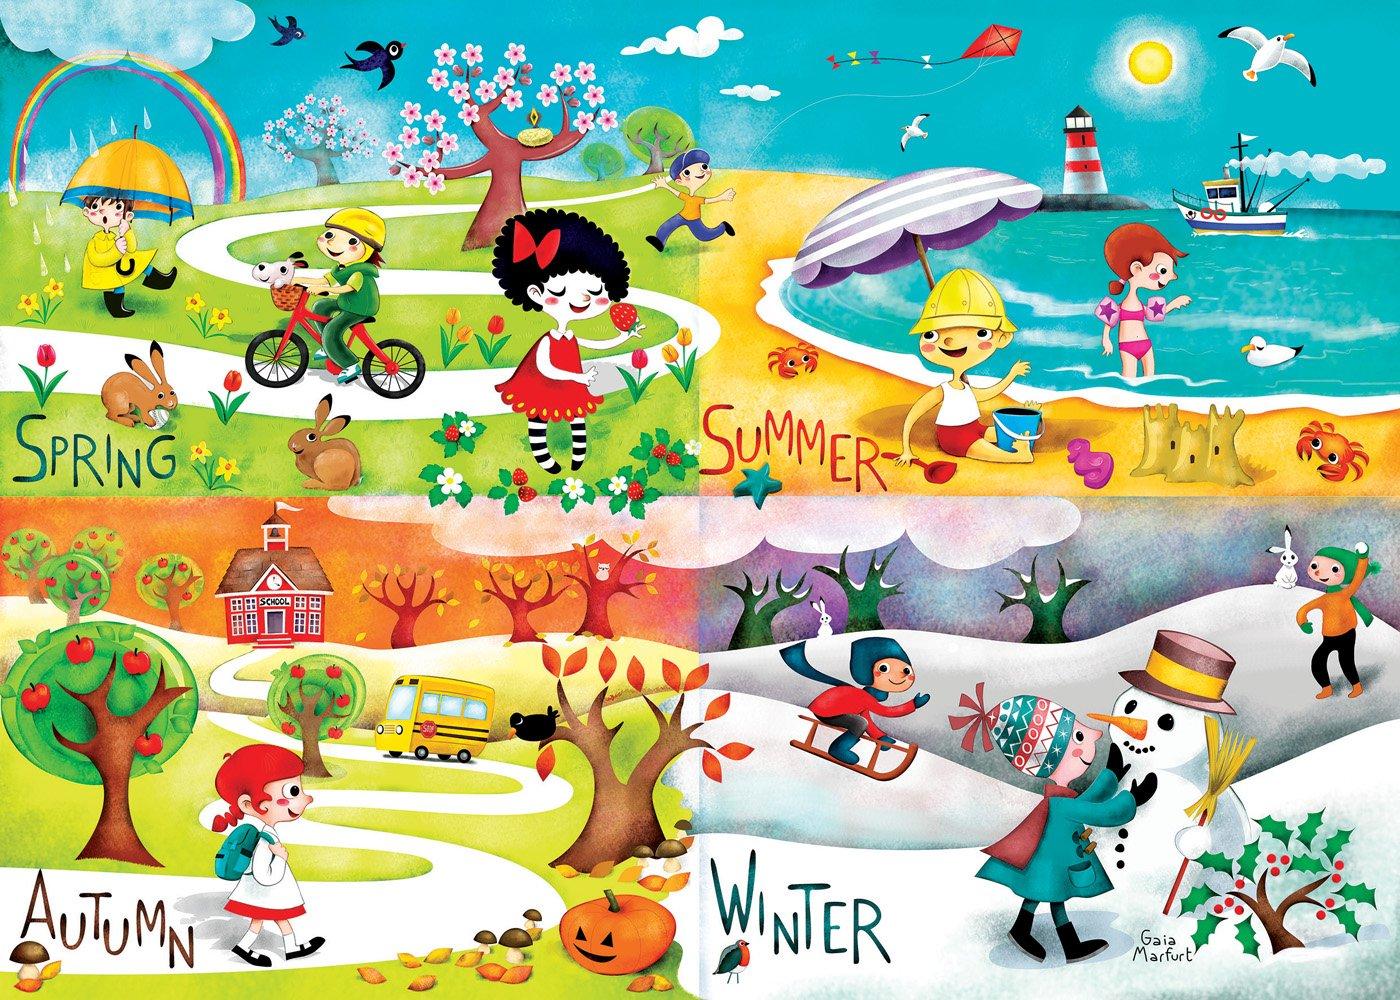 Happy Spaces Leinwandbild - für Kinder - Motiv Jahreszeiten - Design von Gaia Marfurt - 70 x 50 x 2 cm